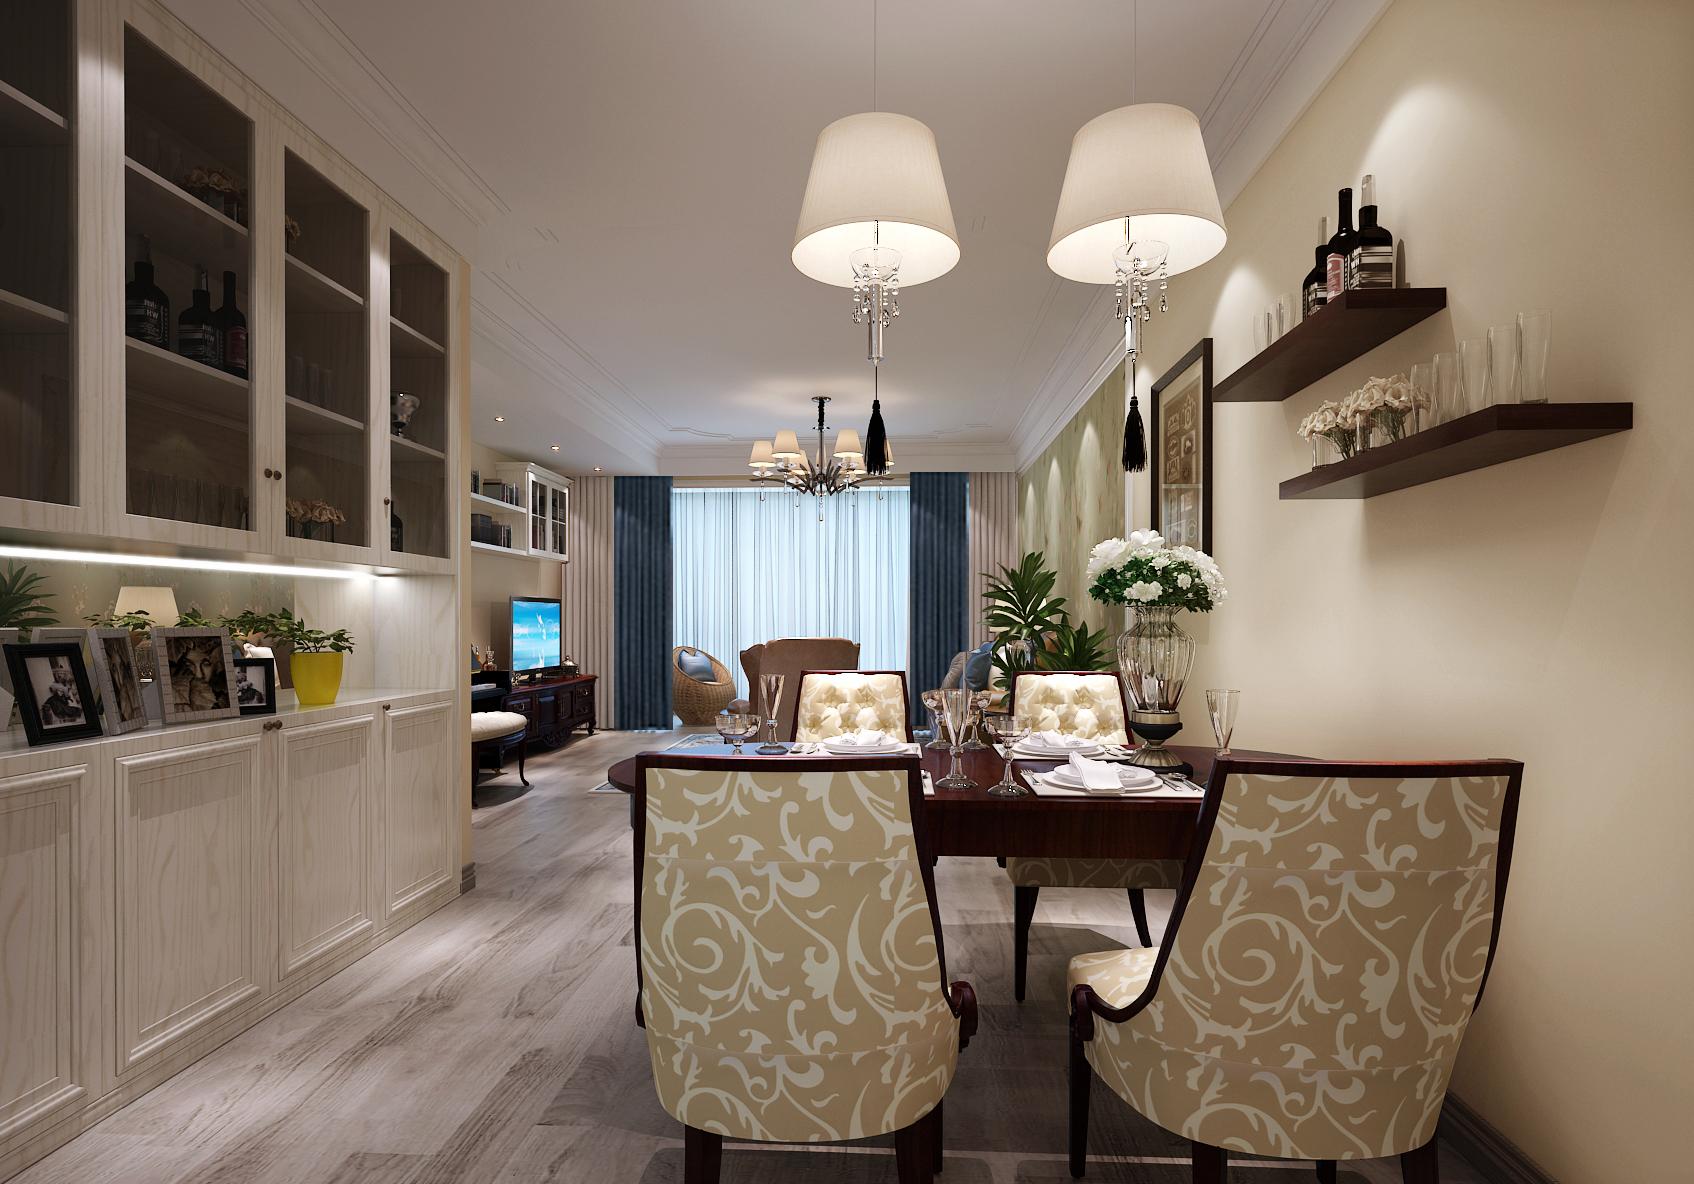 棕榈泉国际公寓美式效果图